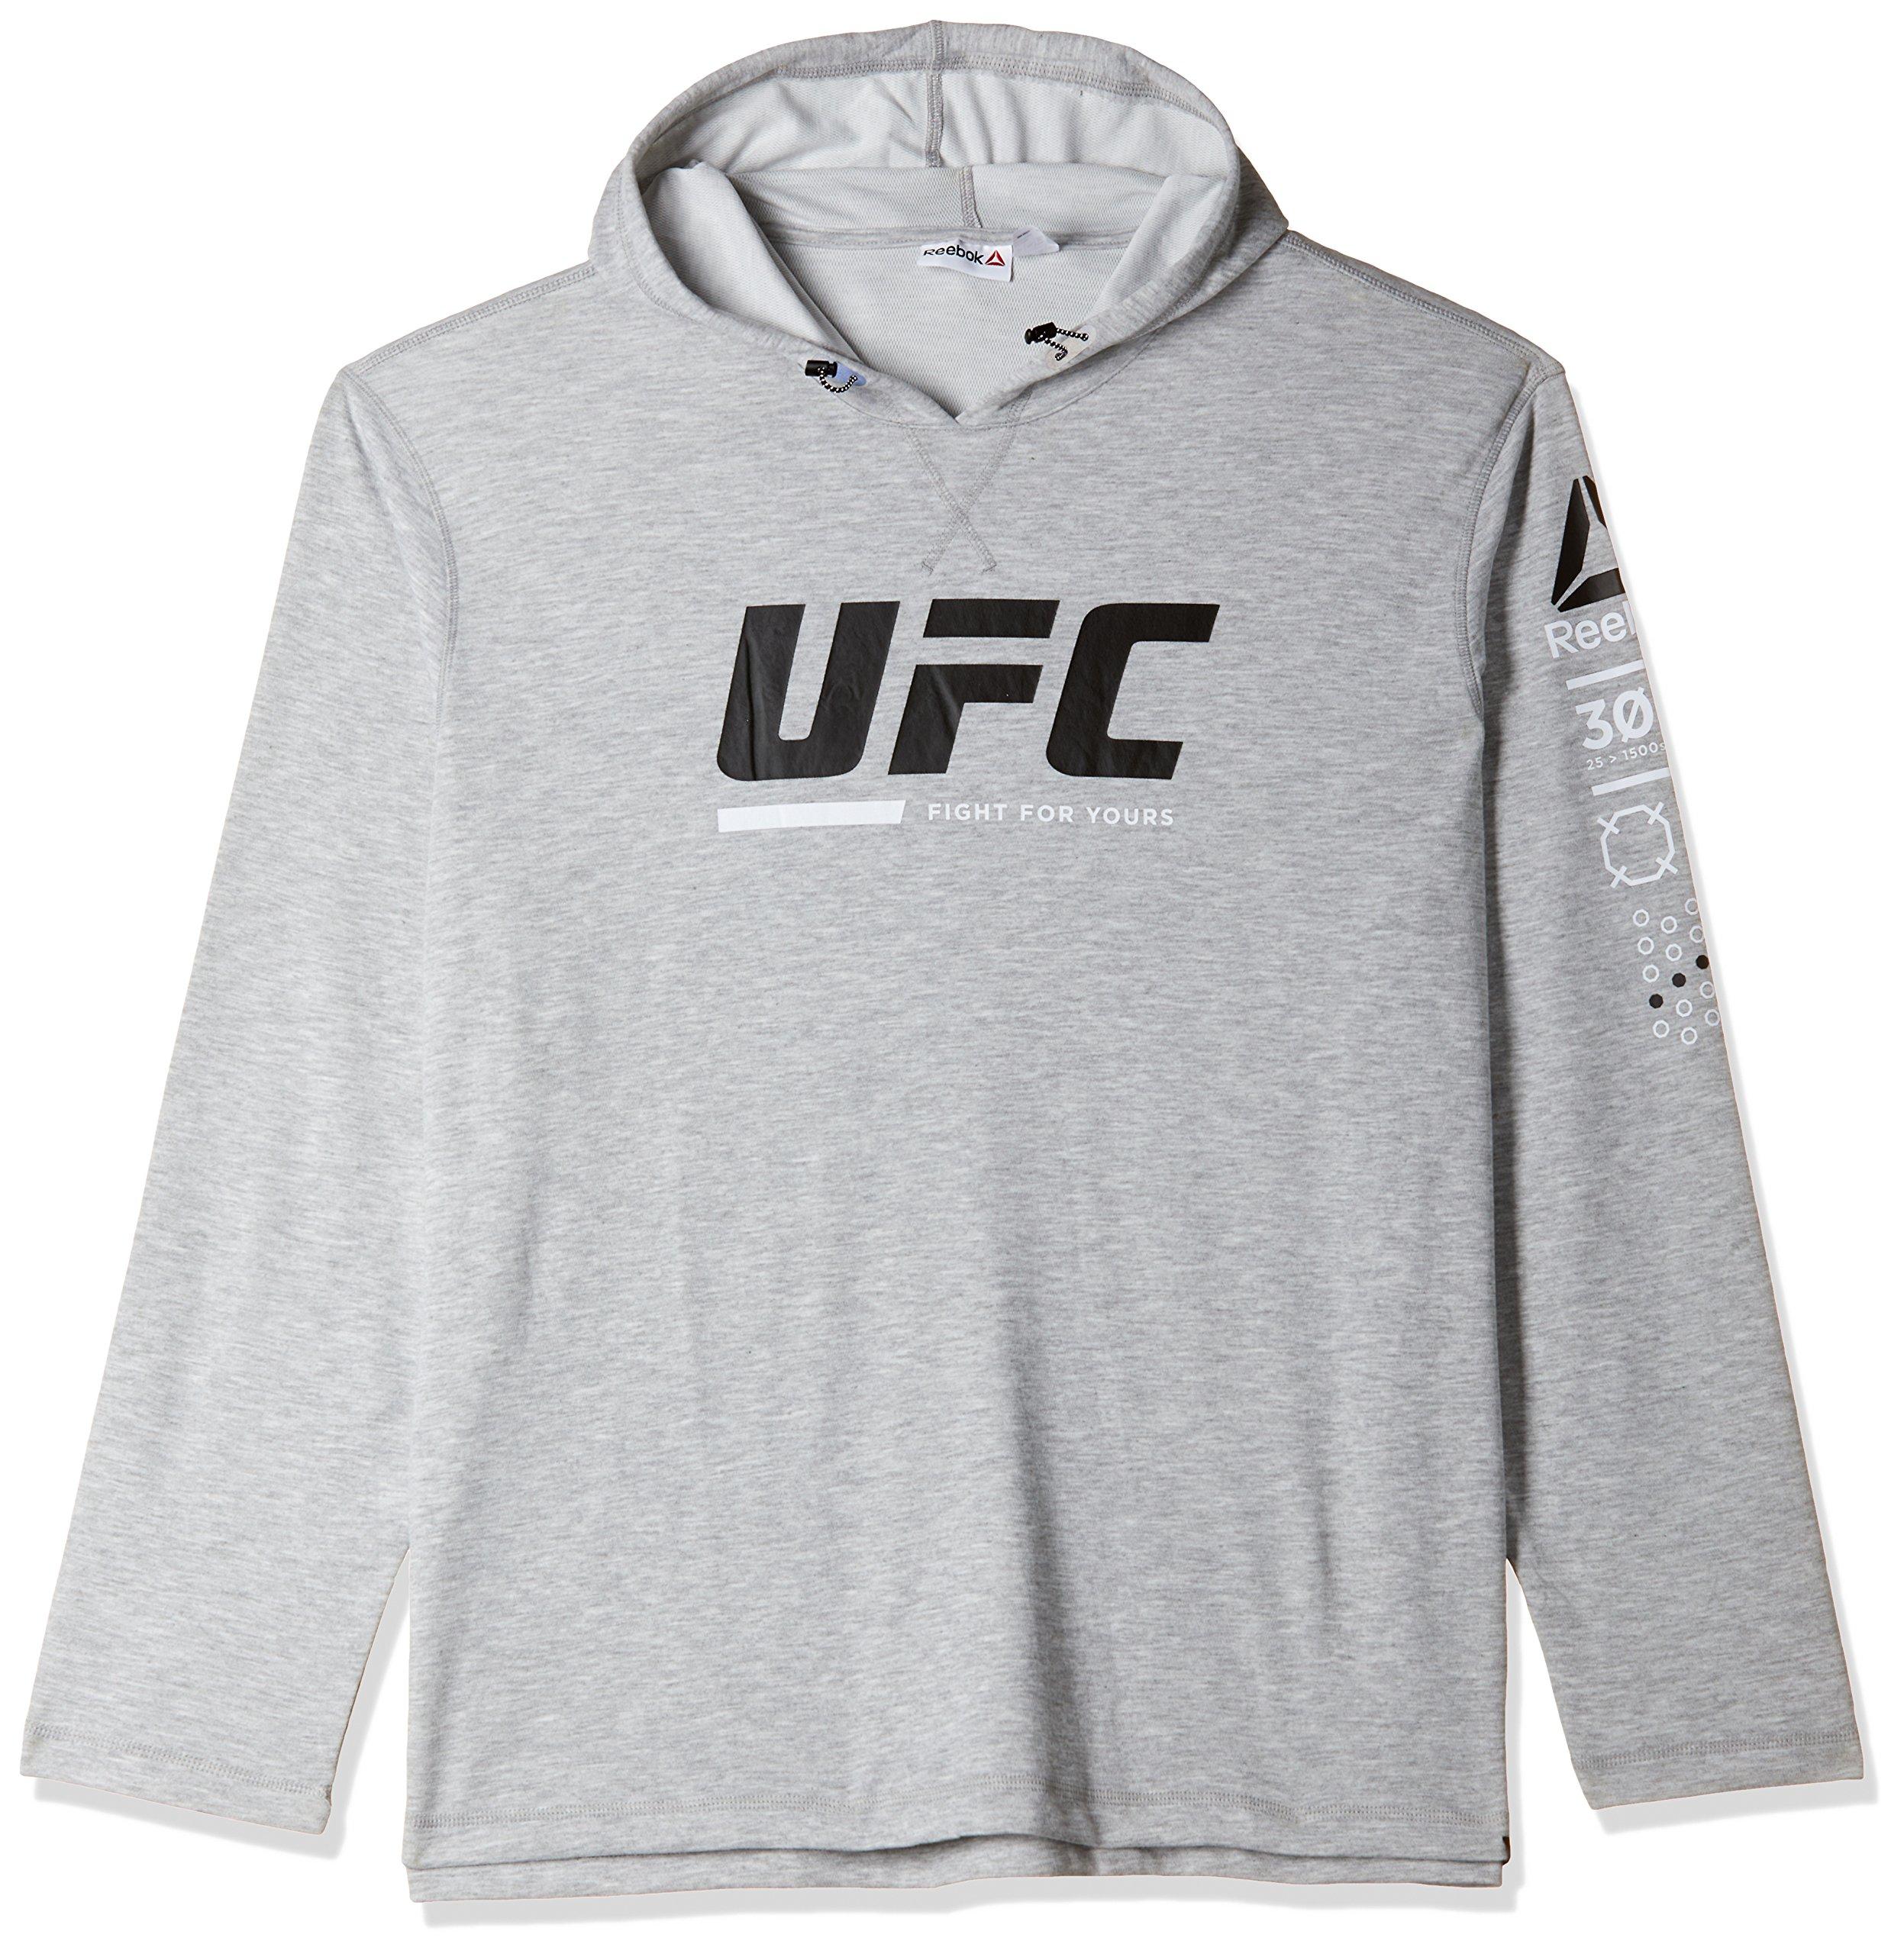 Reebok Herren Ufc FG Pullover Sweatshirt, Grau (Brgrin), S